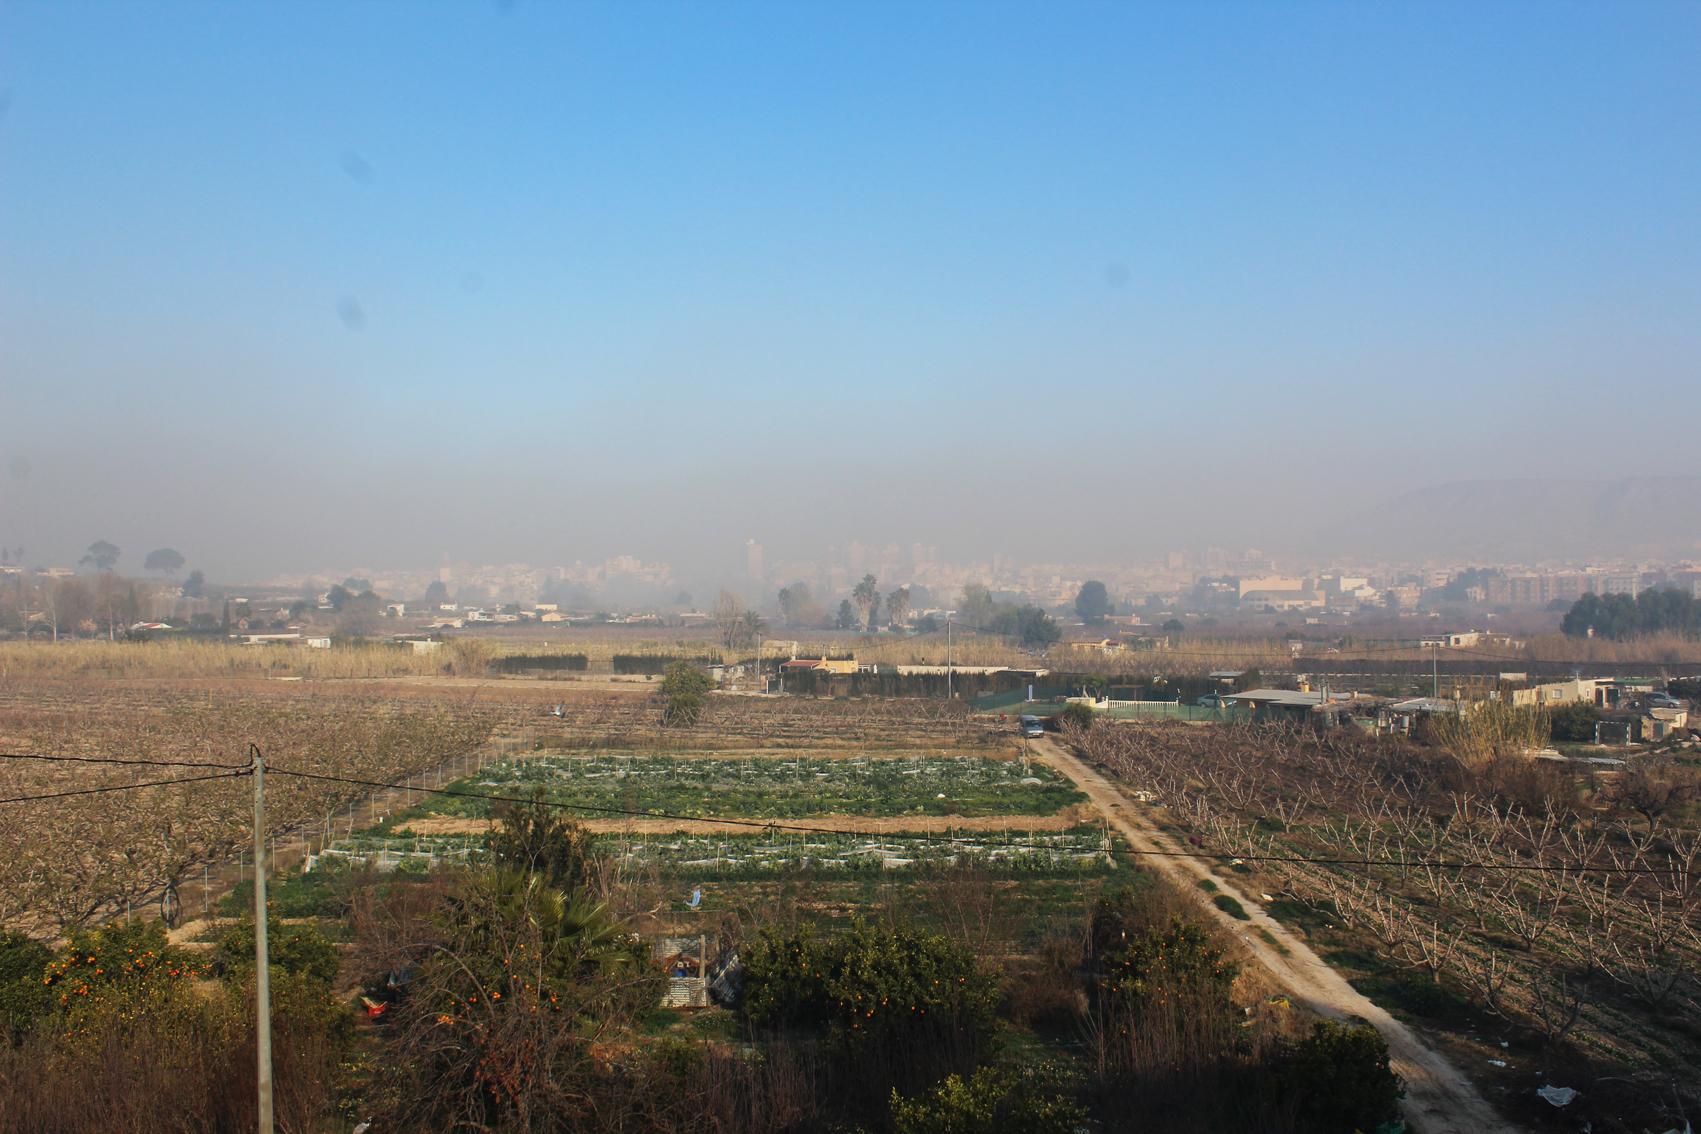 Cieza envuelta en humo de quemas agrícolas para combatir heladas de fruta extratemprana. Imagen: EEA